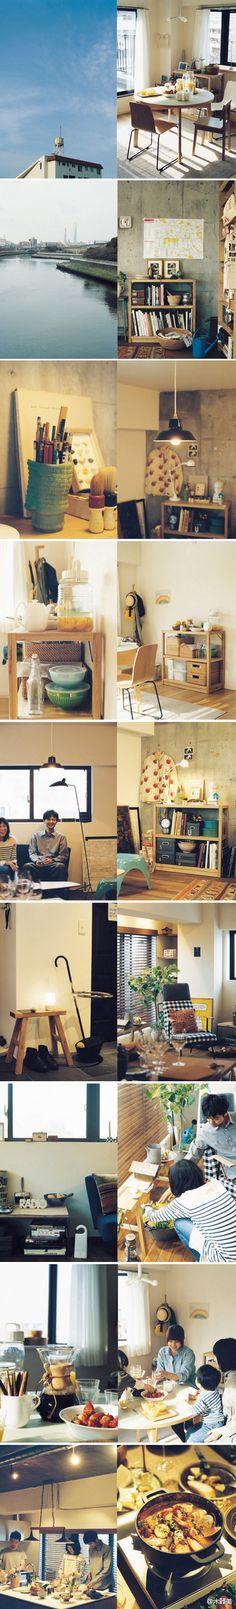 """""""MUJI พบ IDEE"""" Muji ความร่วมมือระยะยาวด้วยเฟอร์นิเจอร์แบรนด์ญี่ปุ่น IDEE การออกแบบมาเพื่อการบันทึกถ่ายภาพสองส่วนประสมผลิตภัณฑ์แบรนด์และตรงกับชีวิตครอบครัว"""